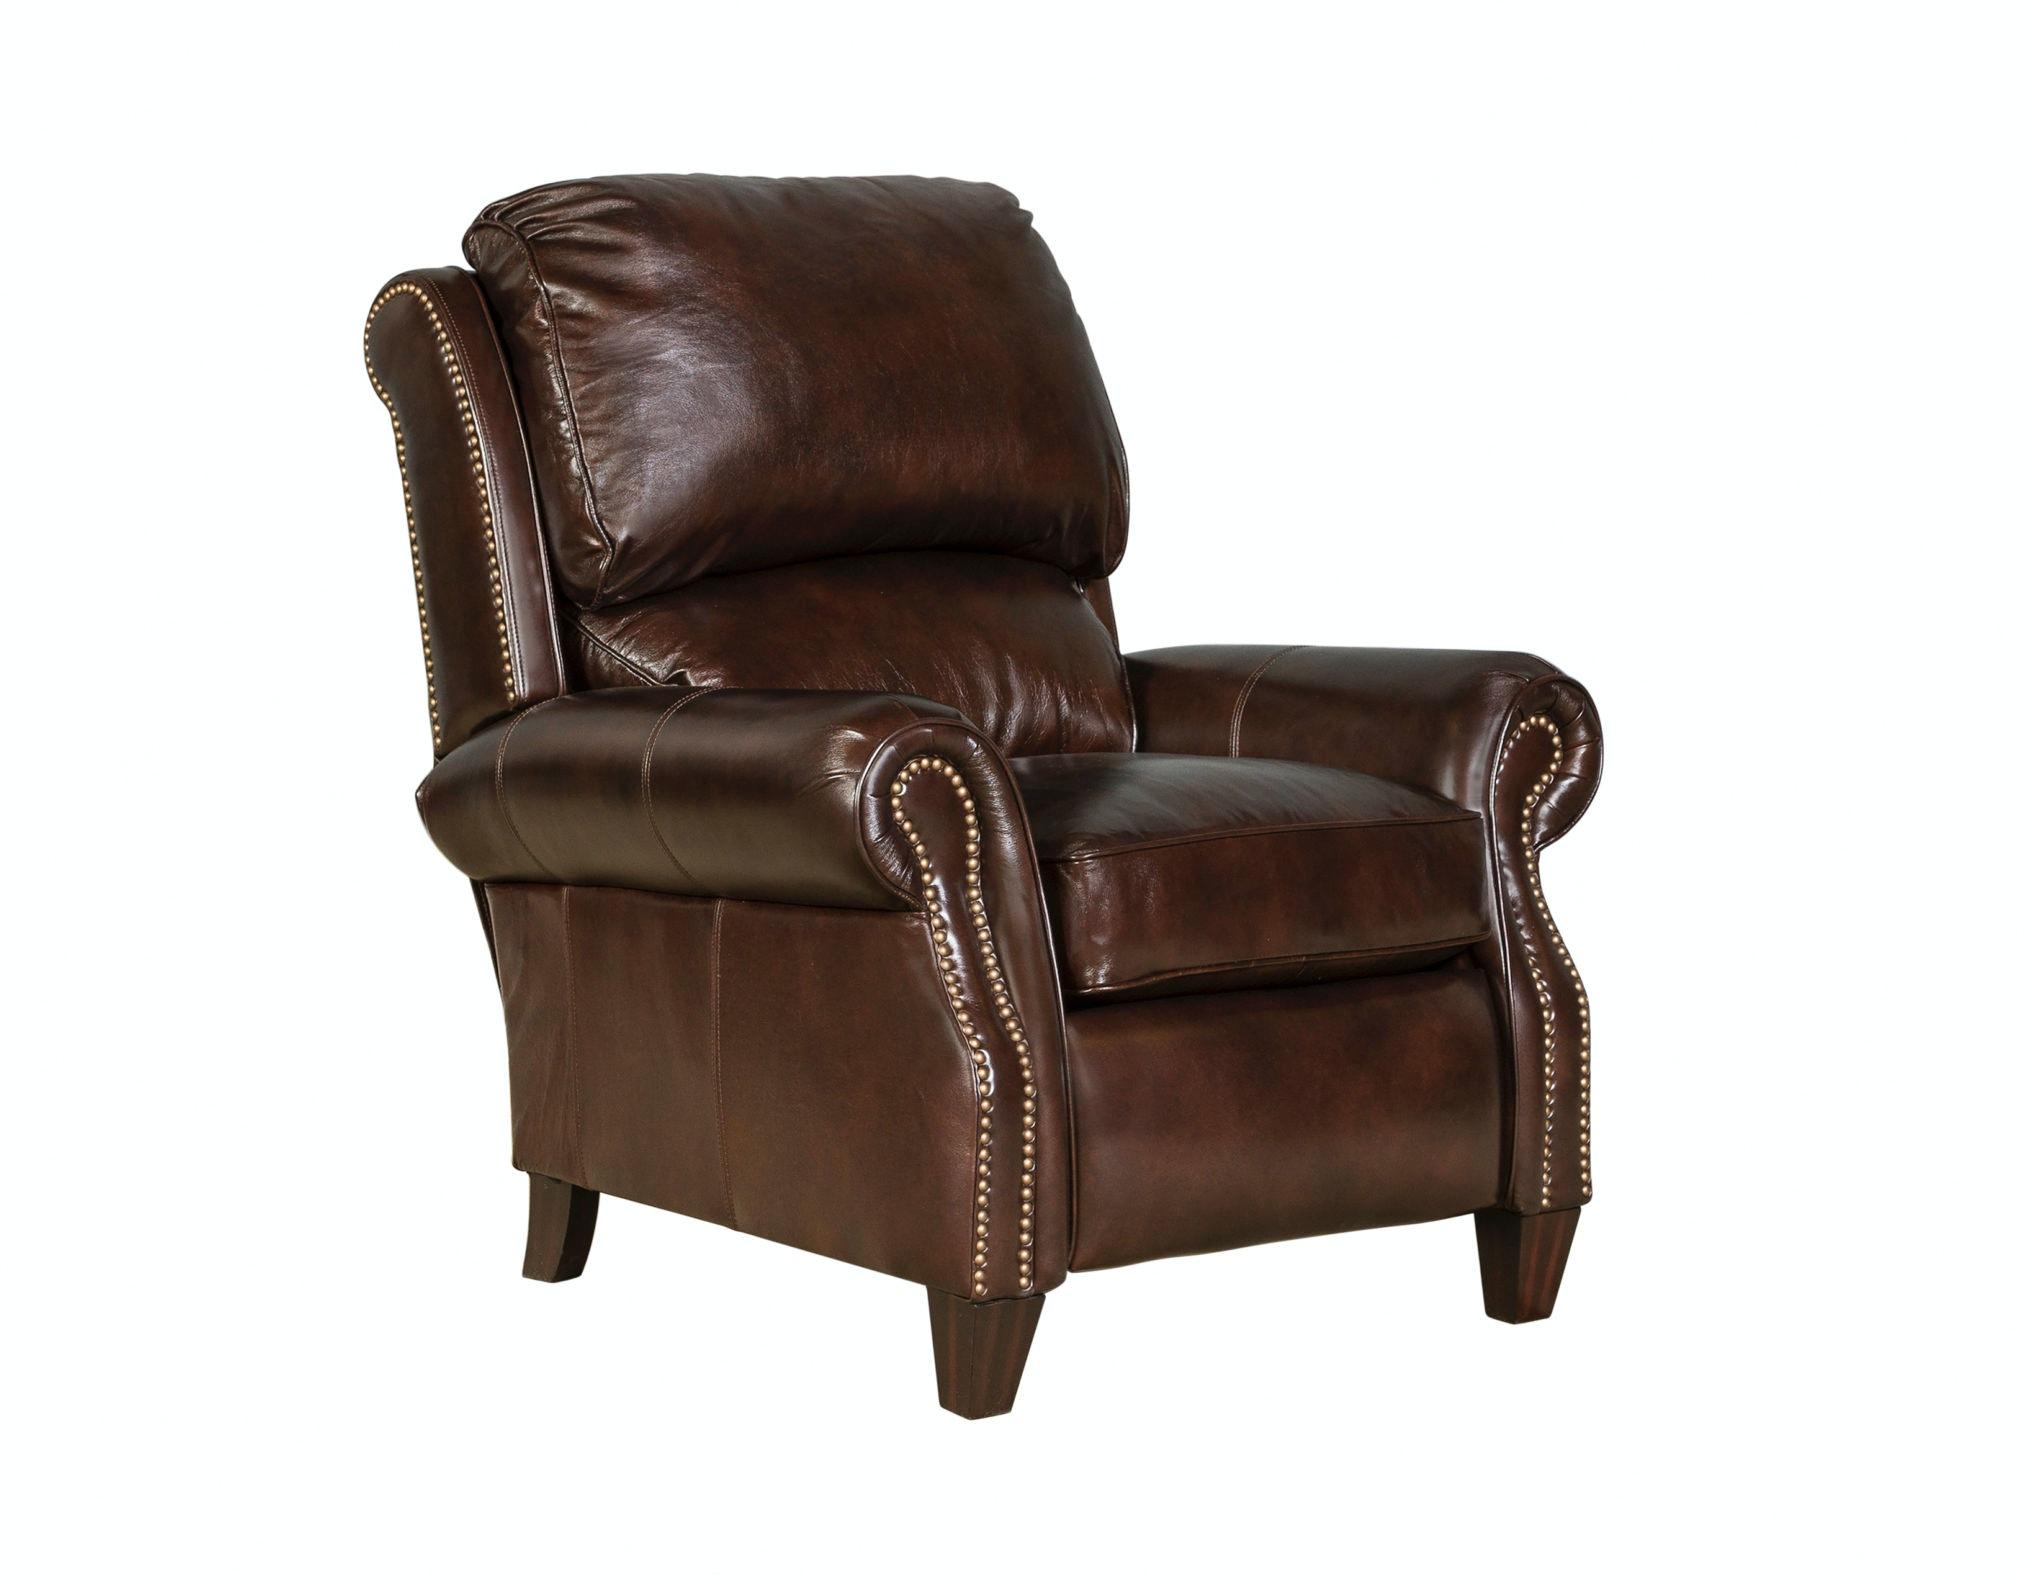 Barcalounger Living Room Churchill Recliner 7 4440